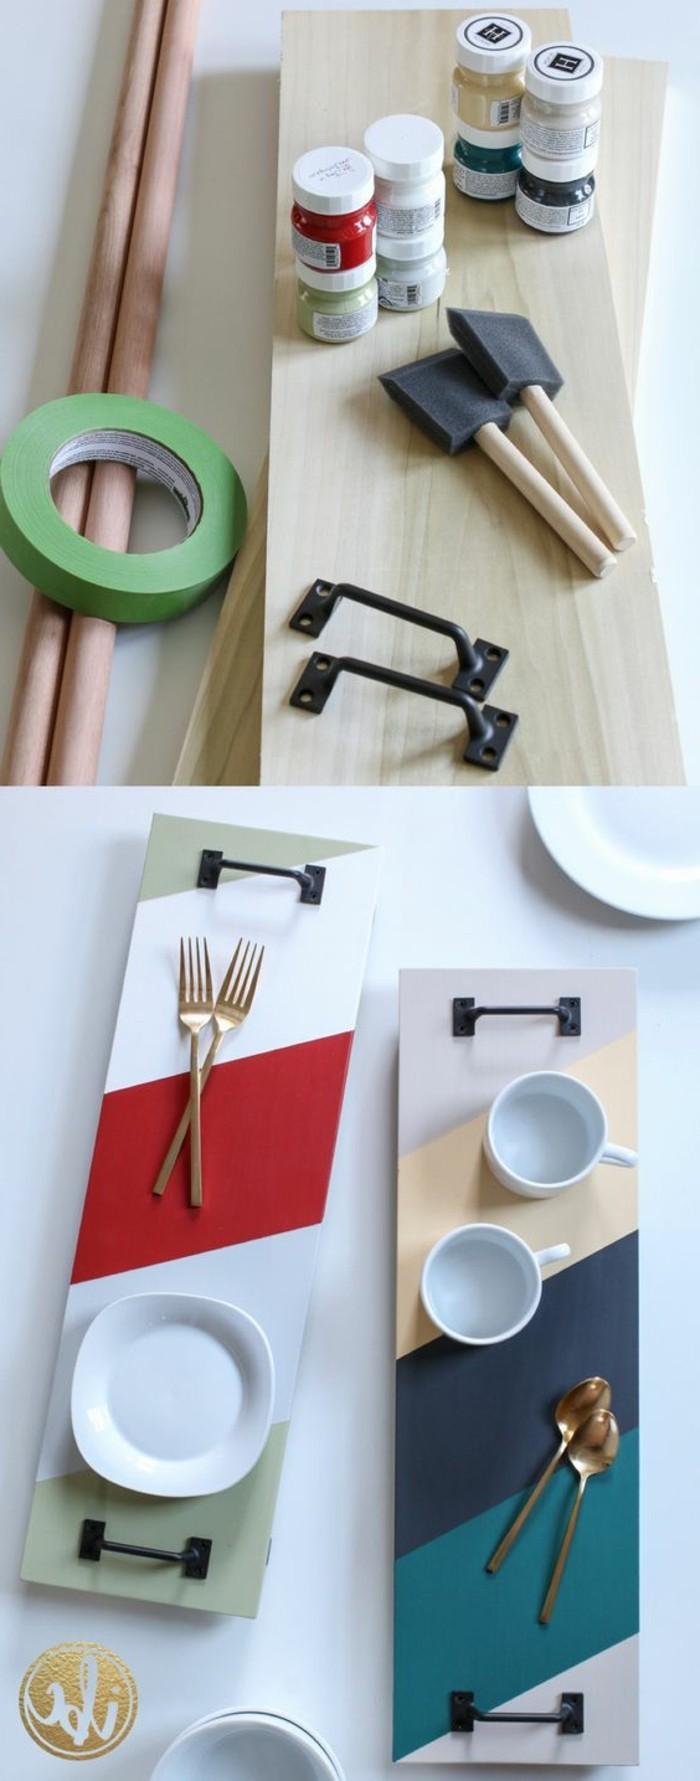 selbstgemachte geschenke zum 18 geburtstag, deko ideen für das zuhause oder tablett zum servieren von frühstück